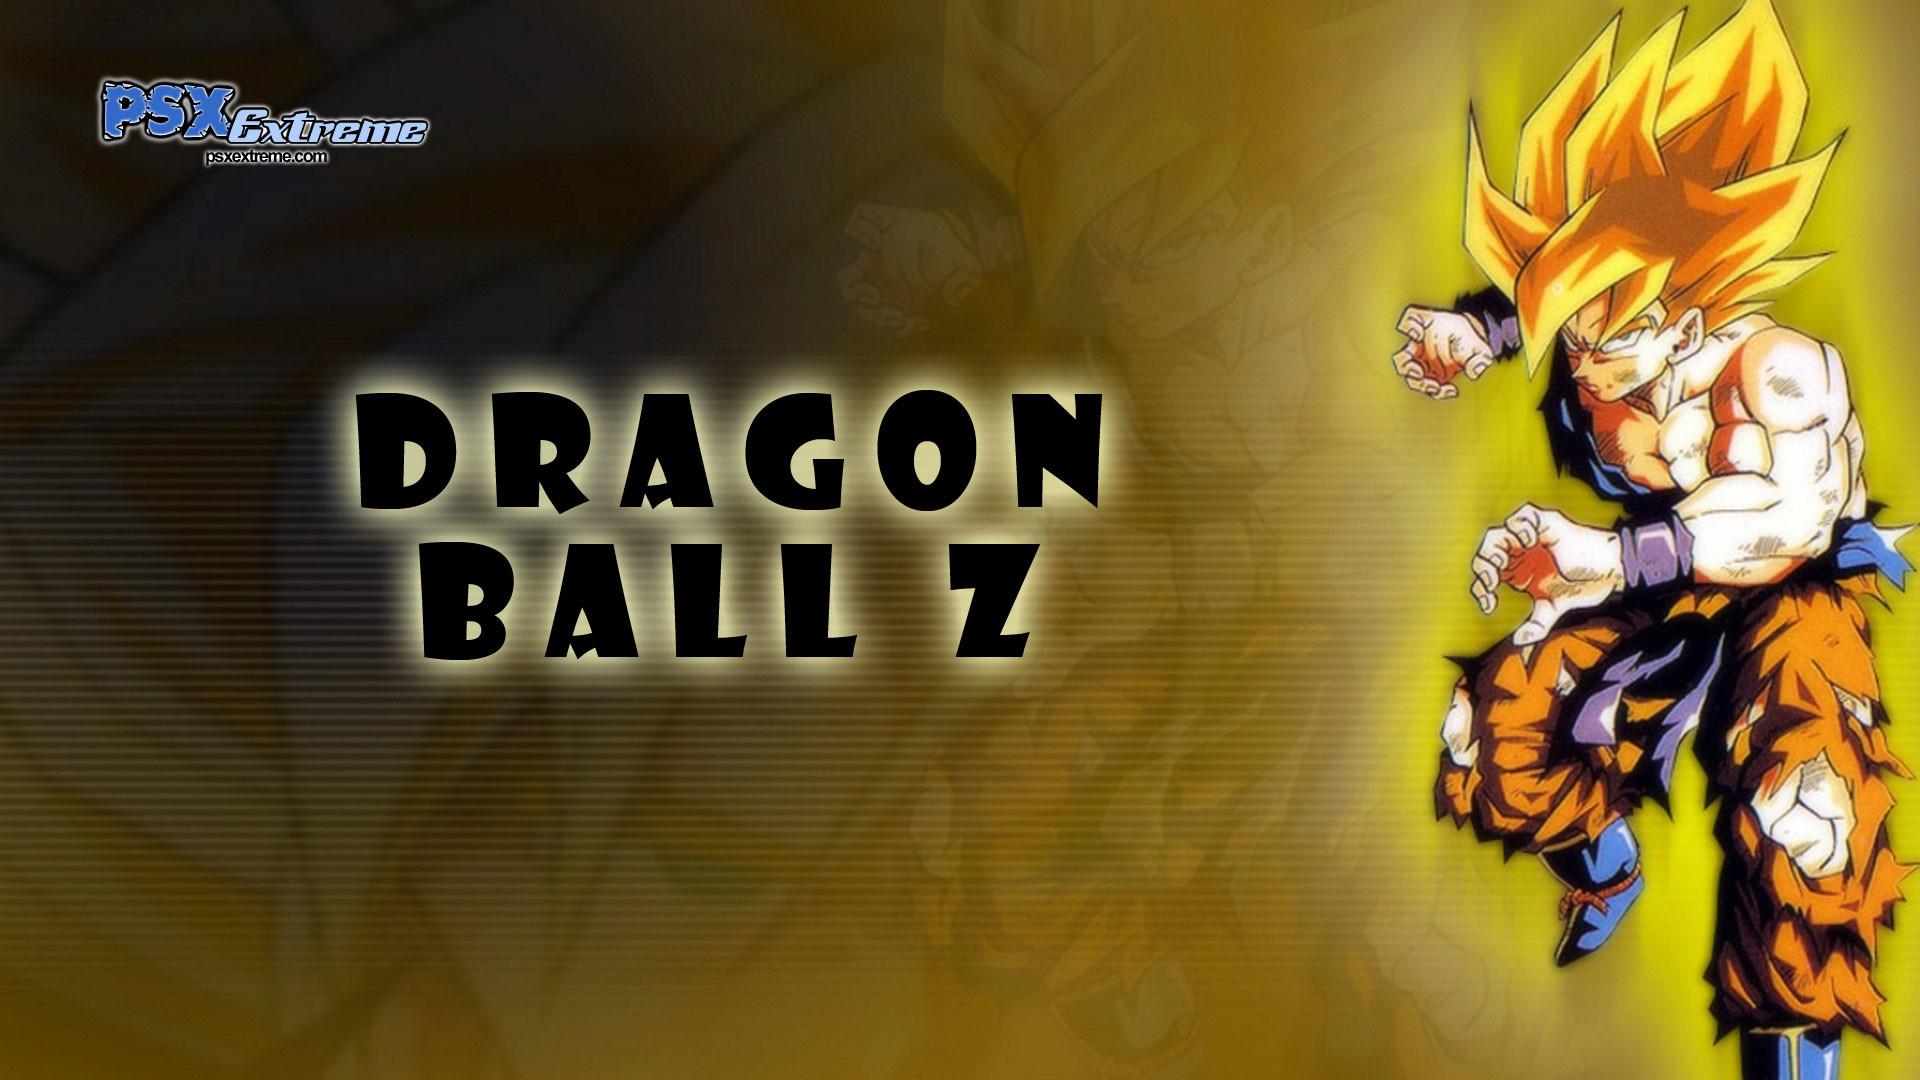 DragonBall Z 4